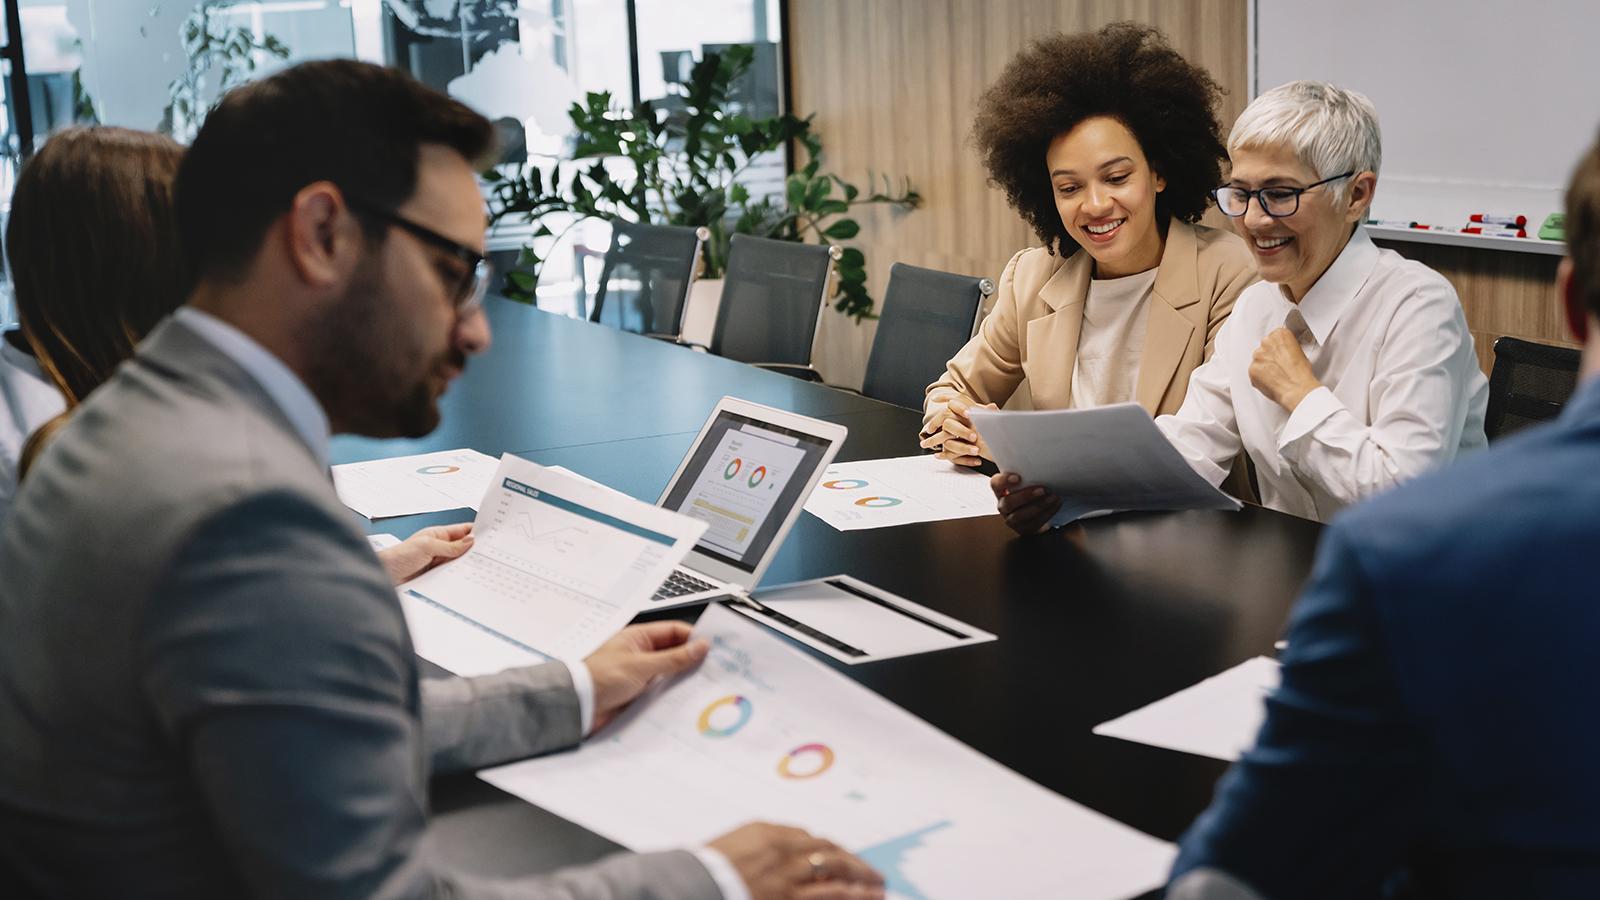 Entenda o que e cultura organizacional e como implementar na sua empresa2 - Entenda o que é cultura organizacional e como implementar na sua empresa